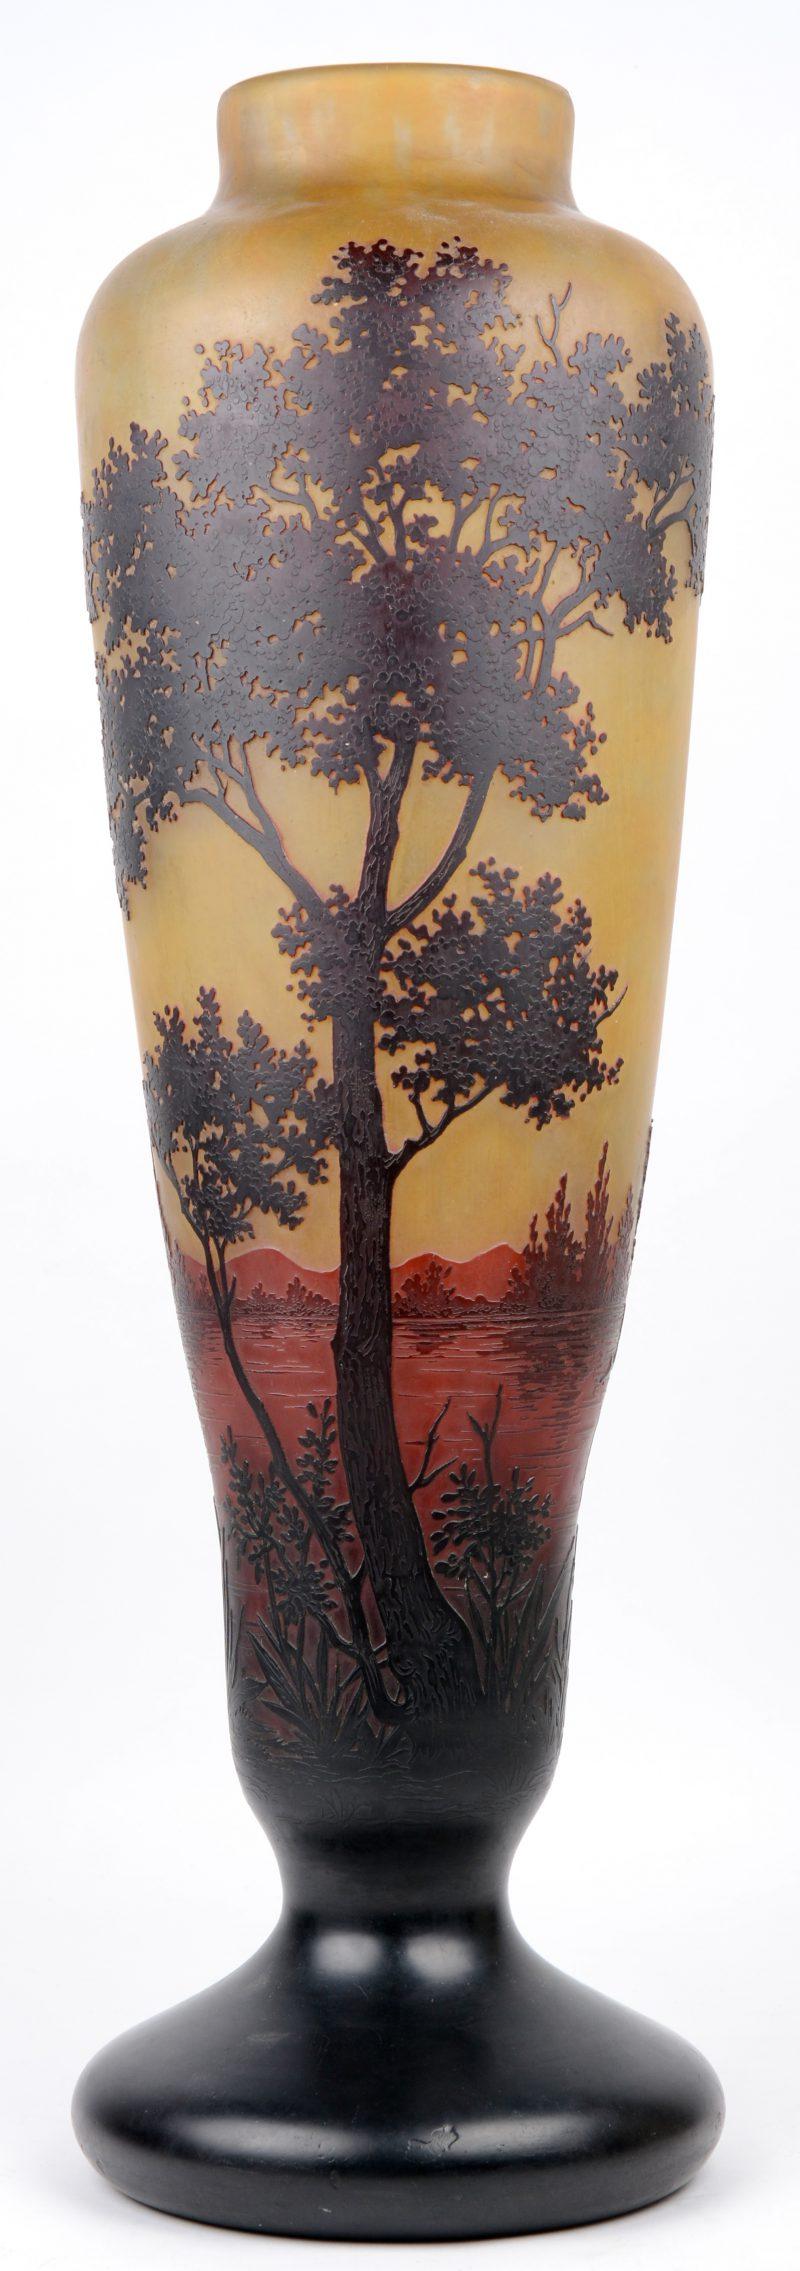 Een grote glazen vaas met een met het wiel gegraveerd landschapsdecor op een oranjebruine achtergrond, eindigend in een donkere voet. Voluit gemerkt en met het kruis van Lotharingen. Begin XXe eeuw.